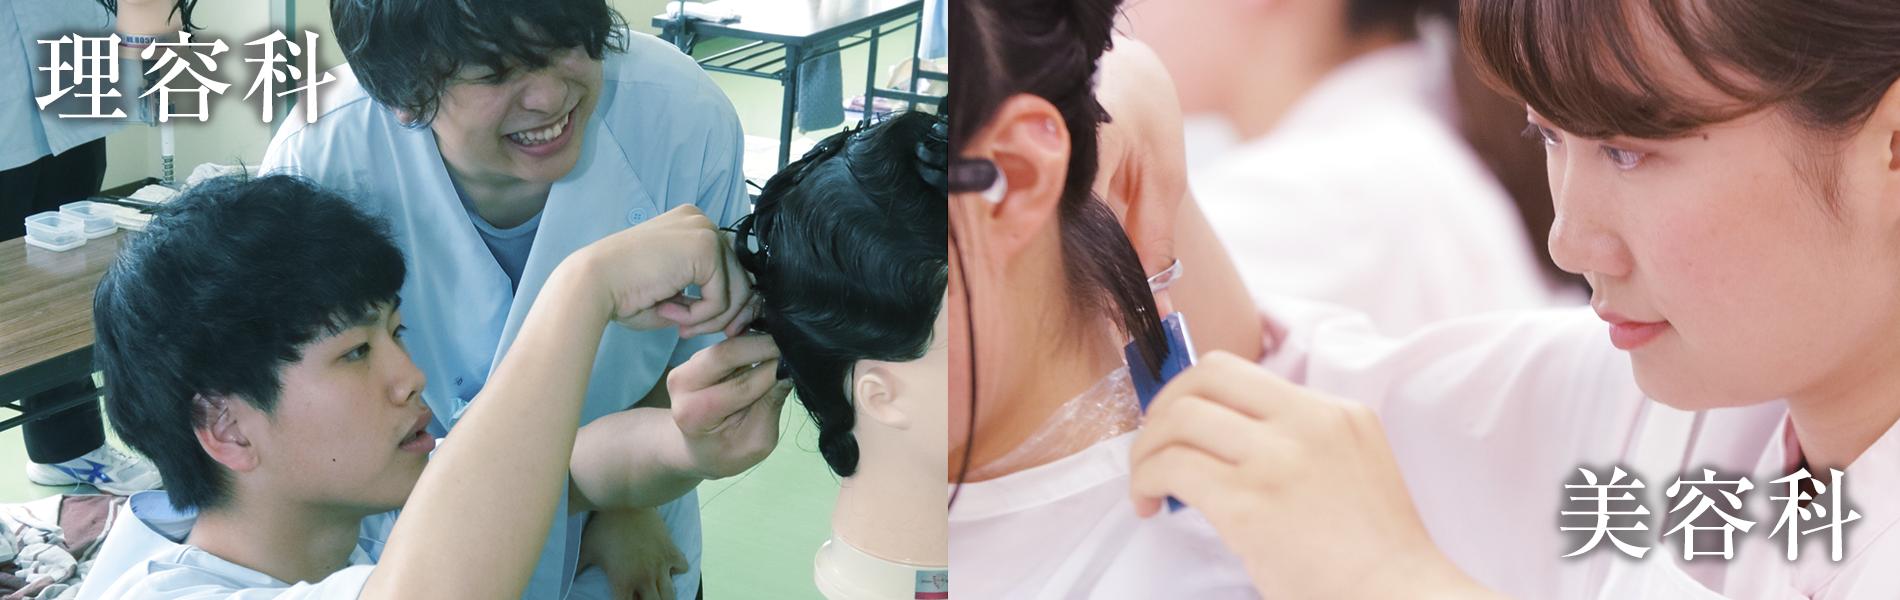 茨城理容美容専門学校には理容科、美容科、2つの学科があります。